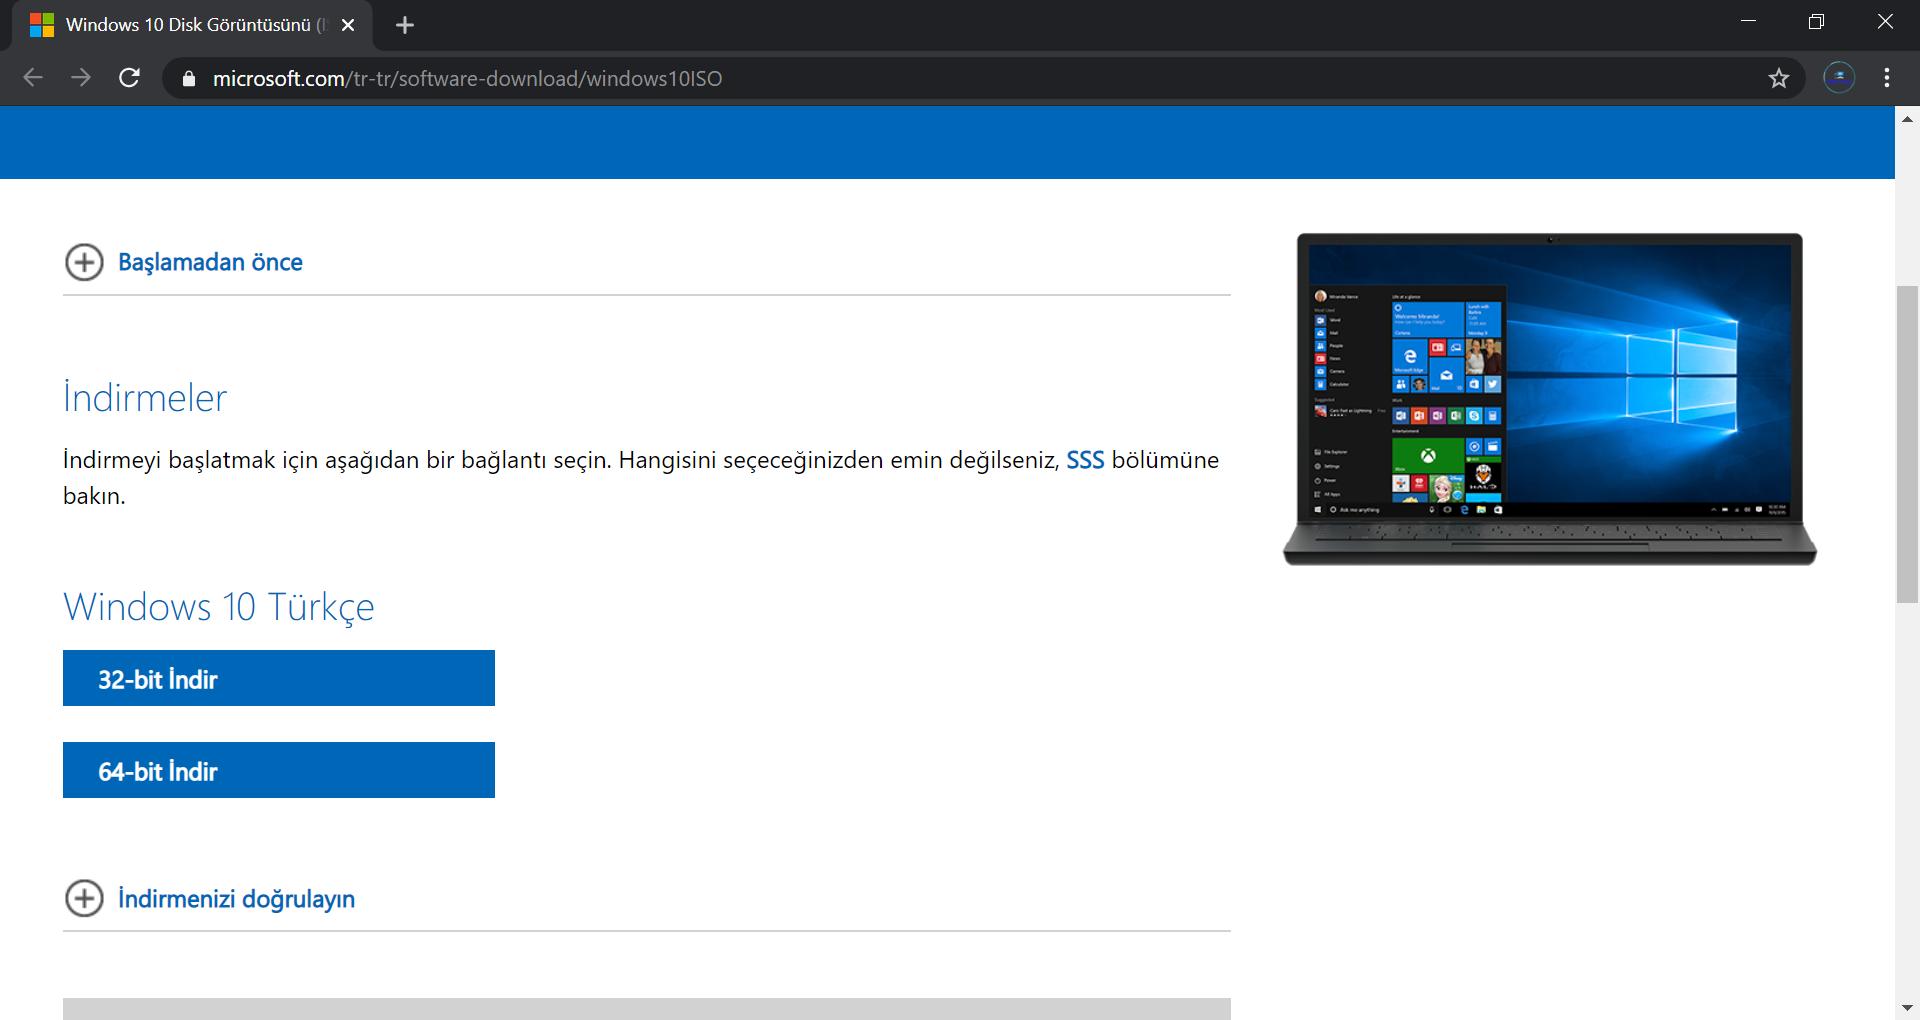 Medya Oluşturma Aracı Olmadan Windows İSO Dosyası Nasıl İndirilir?